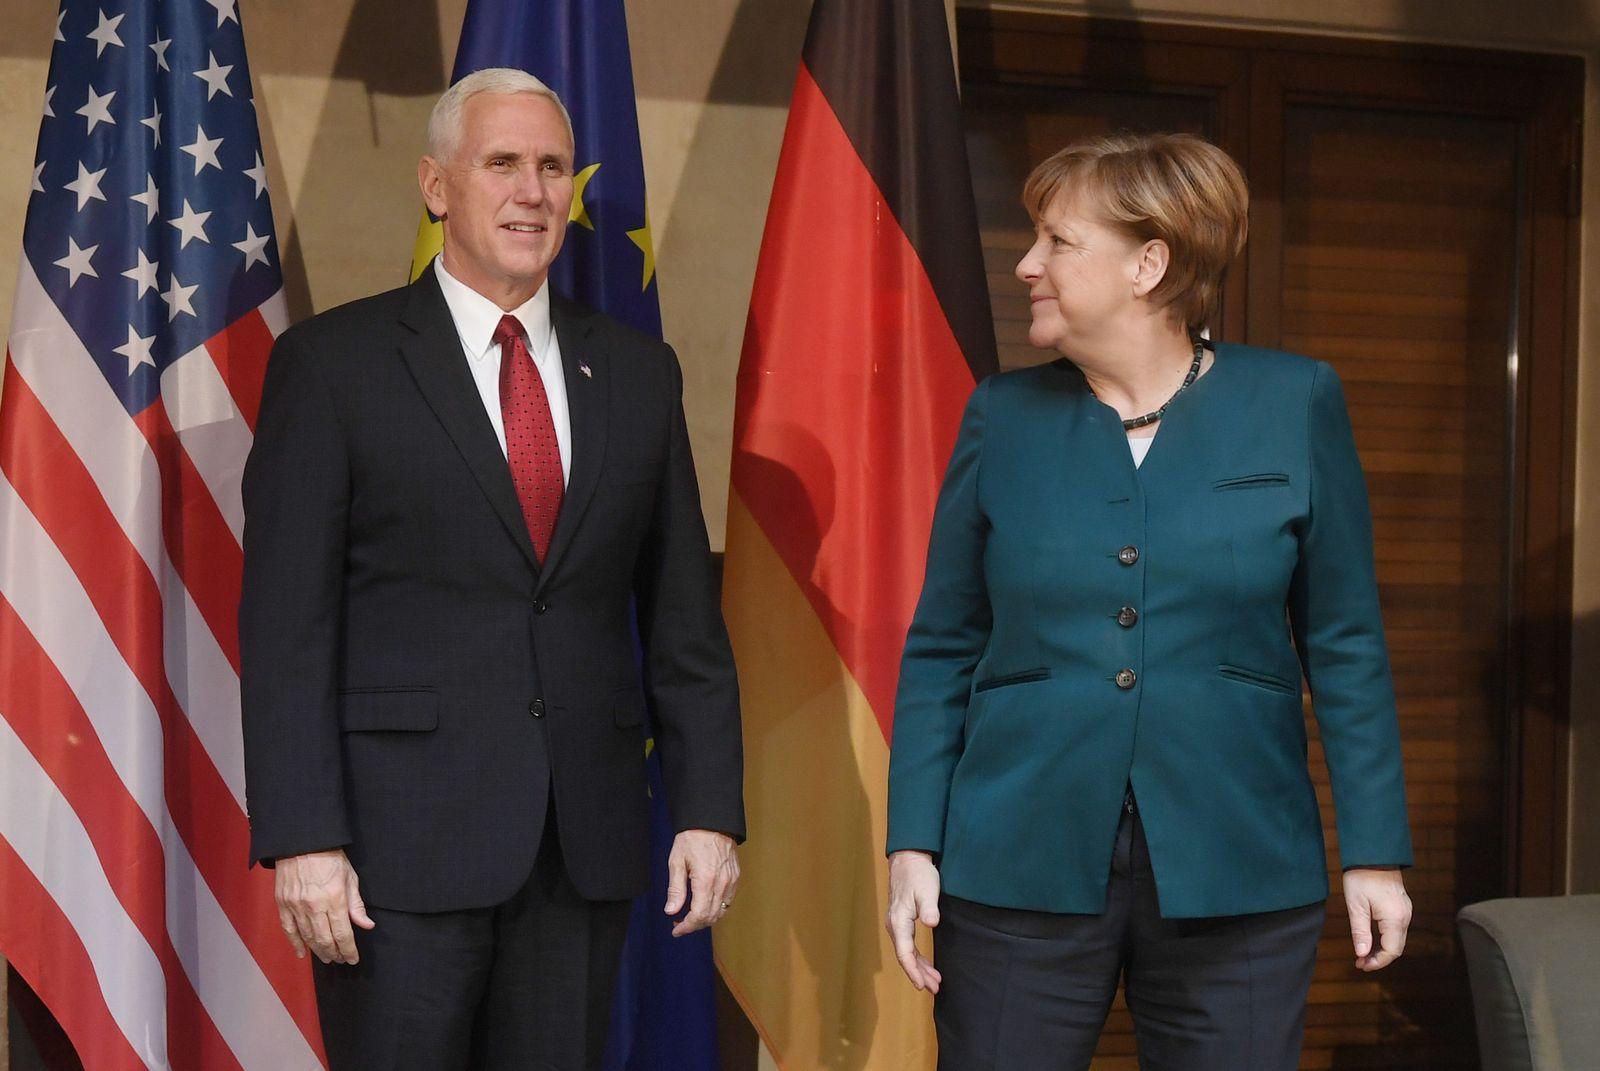 Angela Merkel / Mike Pence